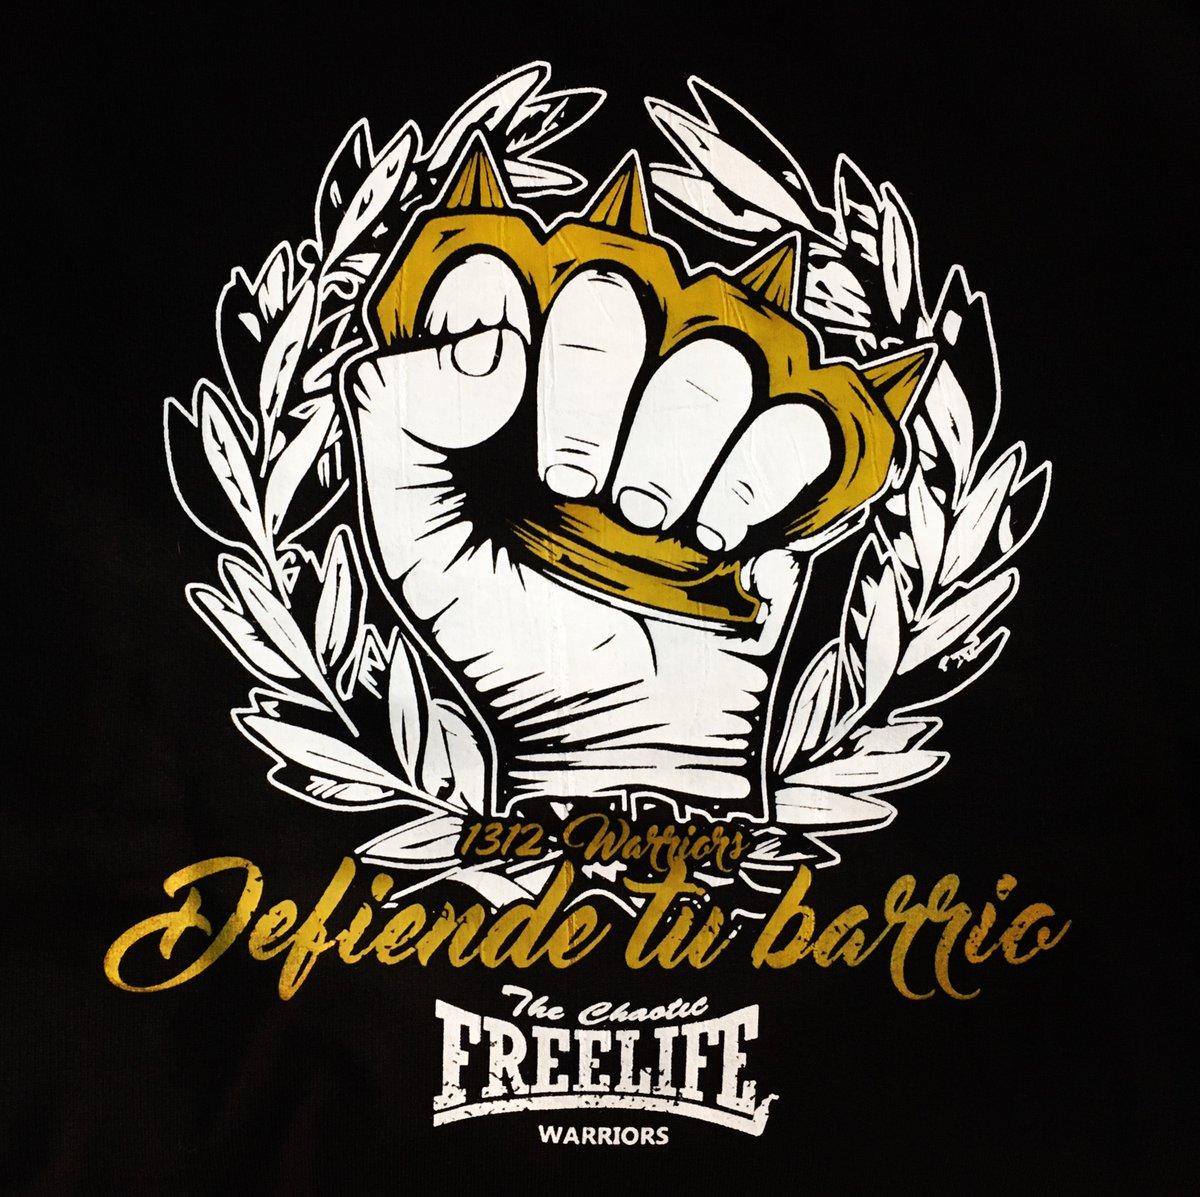 Defiende tu barrio de @freelifemadrid disponible en sudadera y camiseta!    #vallekas #bestiarioshop #defiendetubarrio #vk #antifa